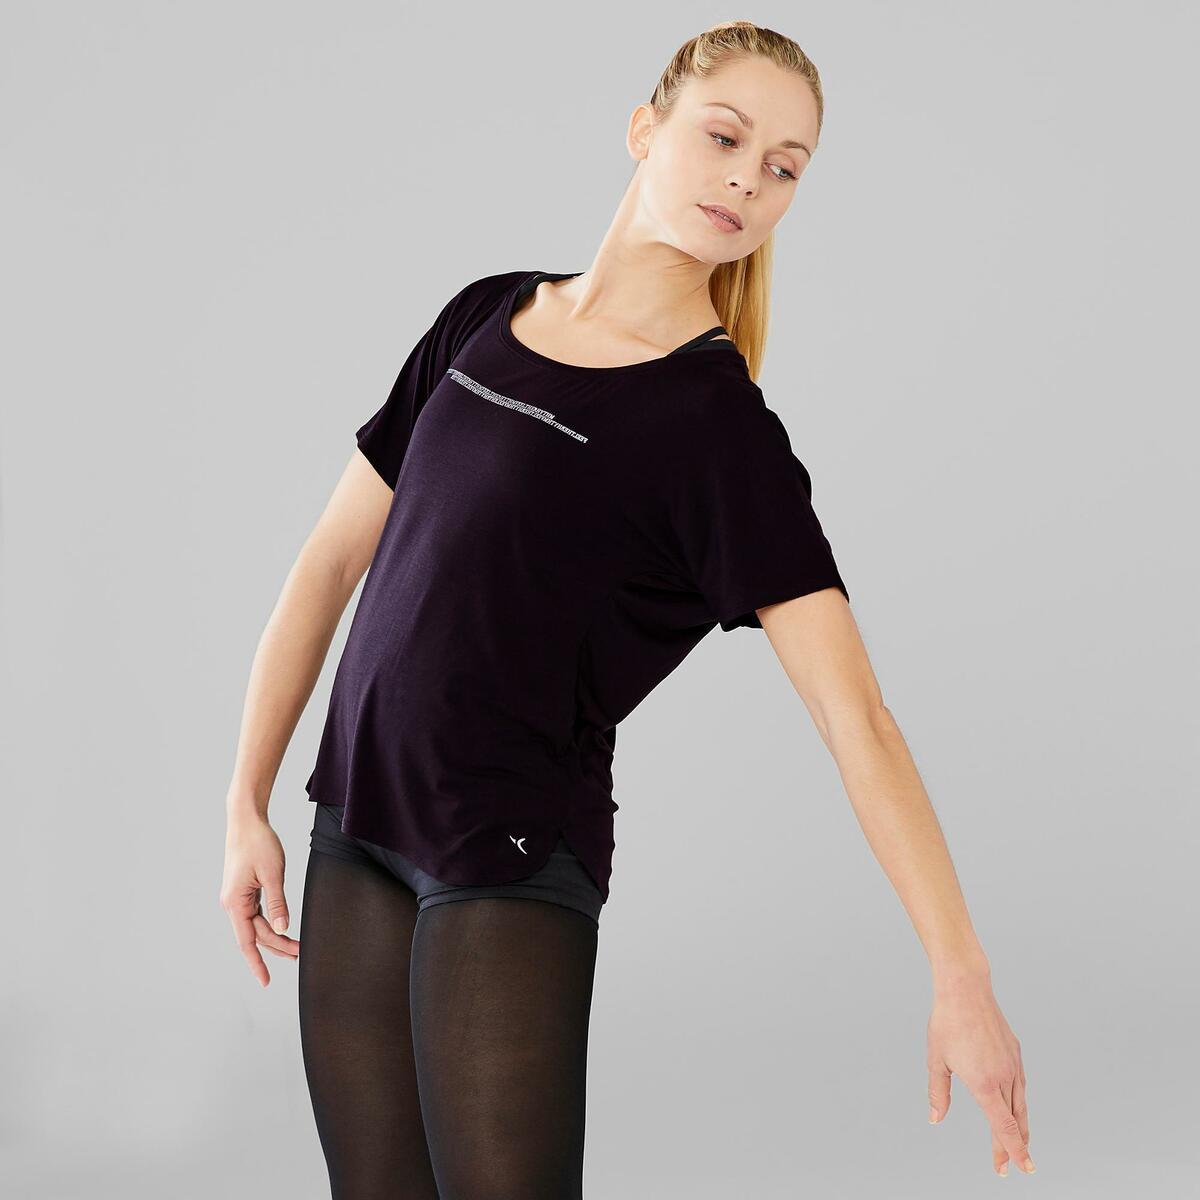 Bild 5 von Dance-Shirt kurz Modern Dance Damen schwarz